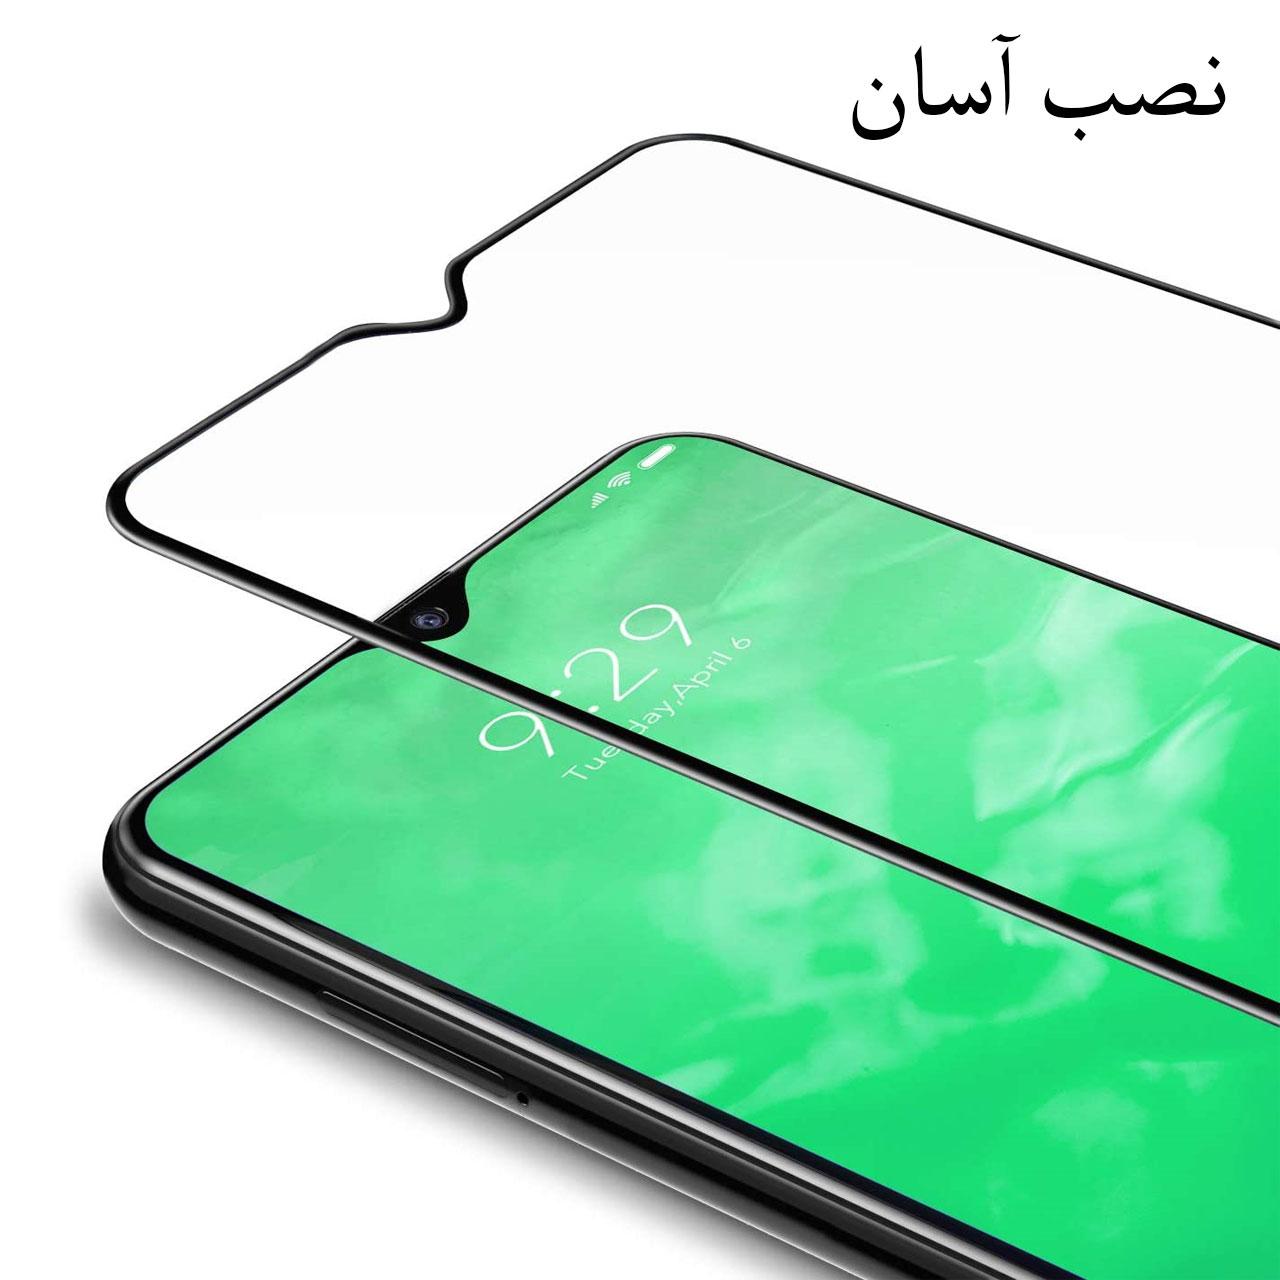 محافظ صفحه نمایش مدل FCG مناسب برای گوشی موبایل سامسونگ Galaxy M20 main 1 3